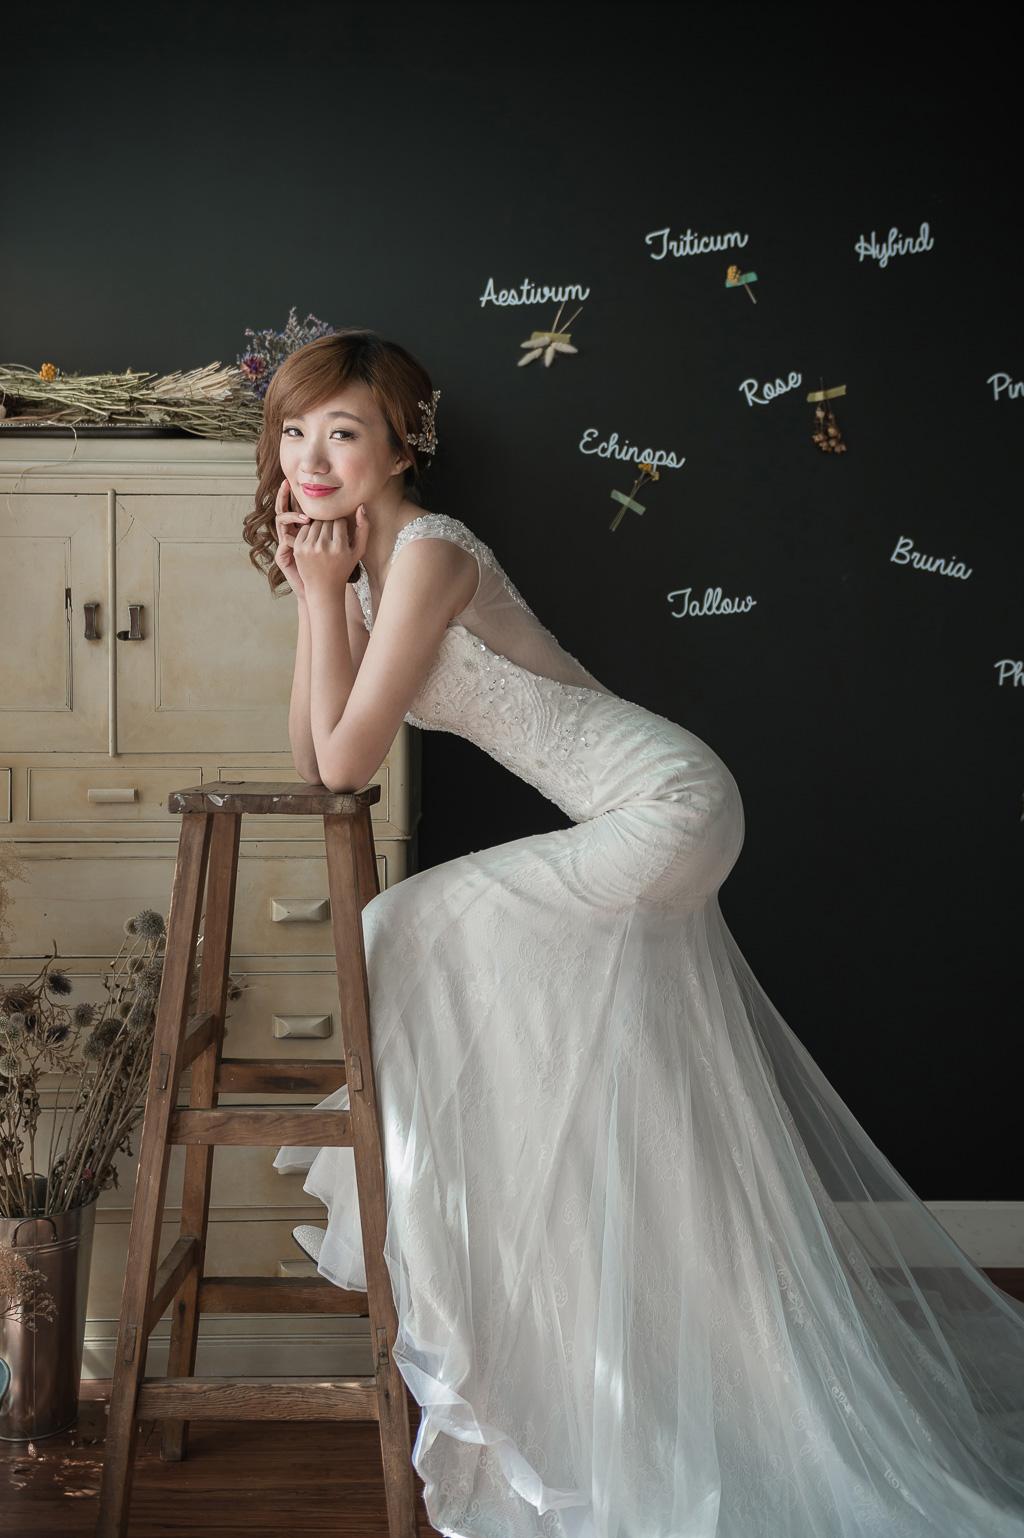 婚攝小勇,婚禮紀錄,自助婚紗,囍聚,vivian-004